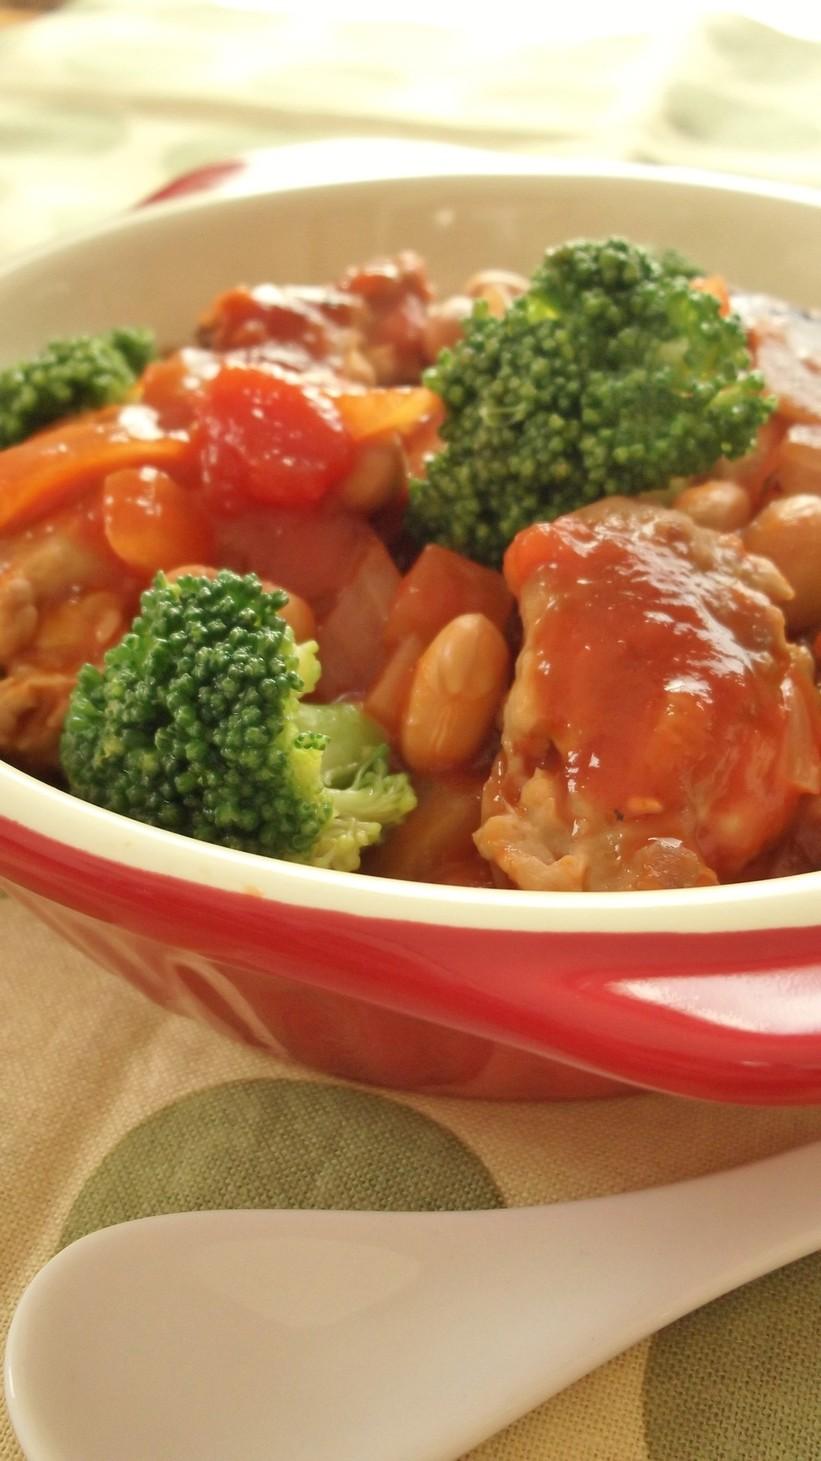 節分に●いわしつみれと大豆のトマト煮●